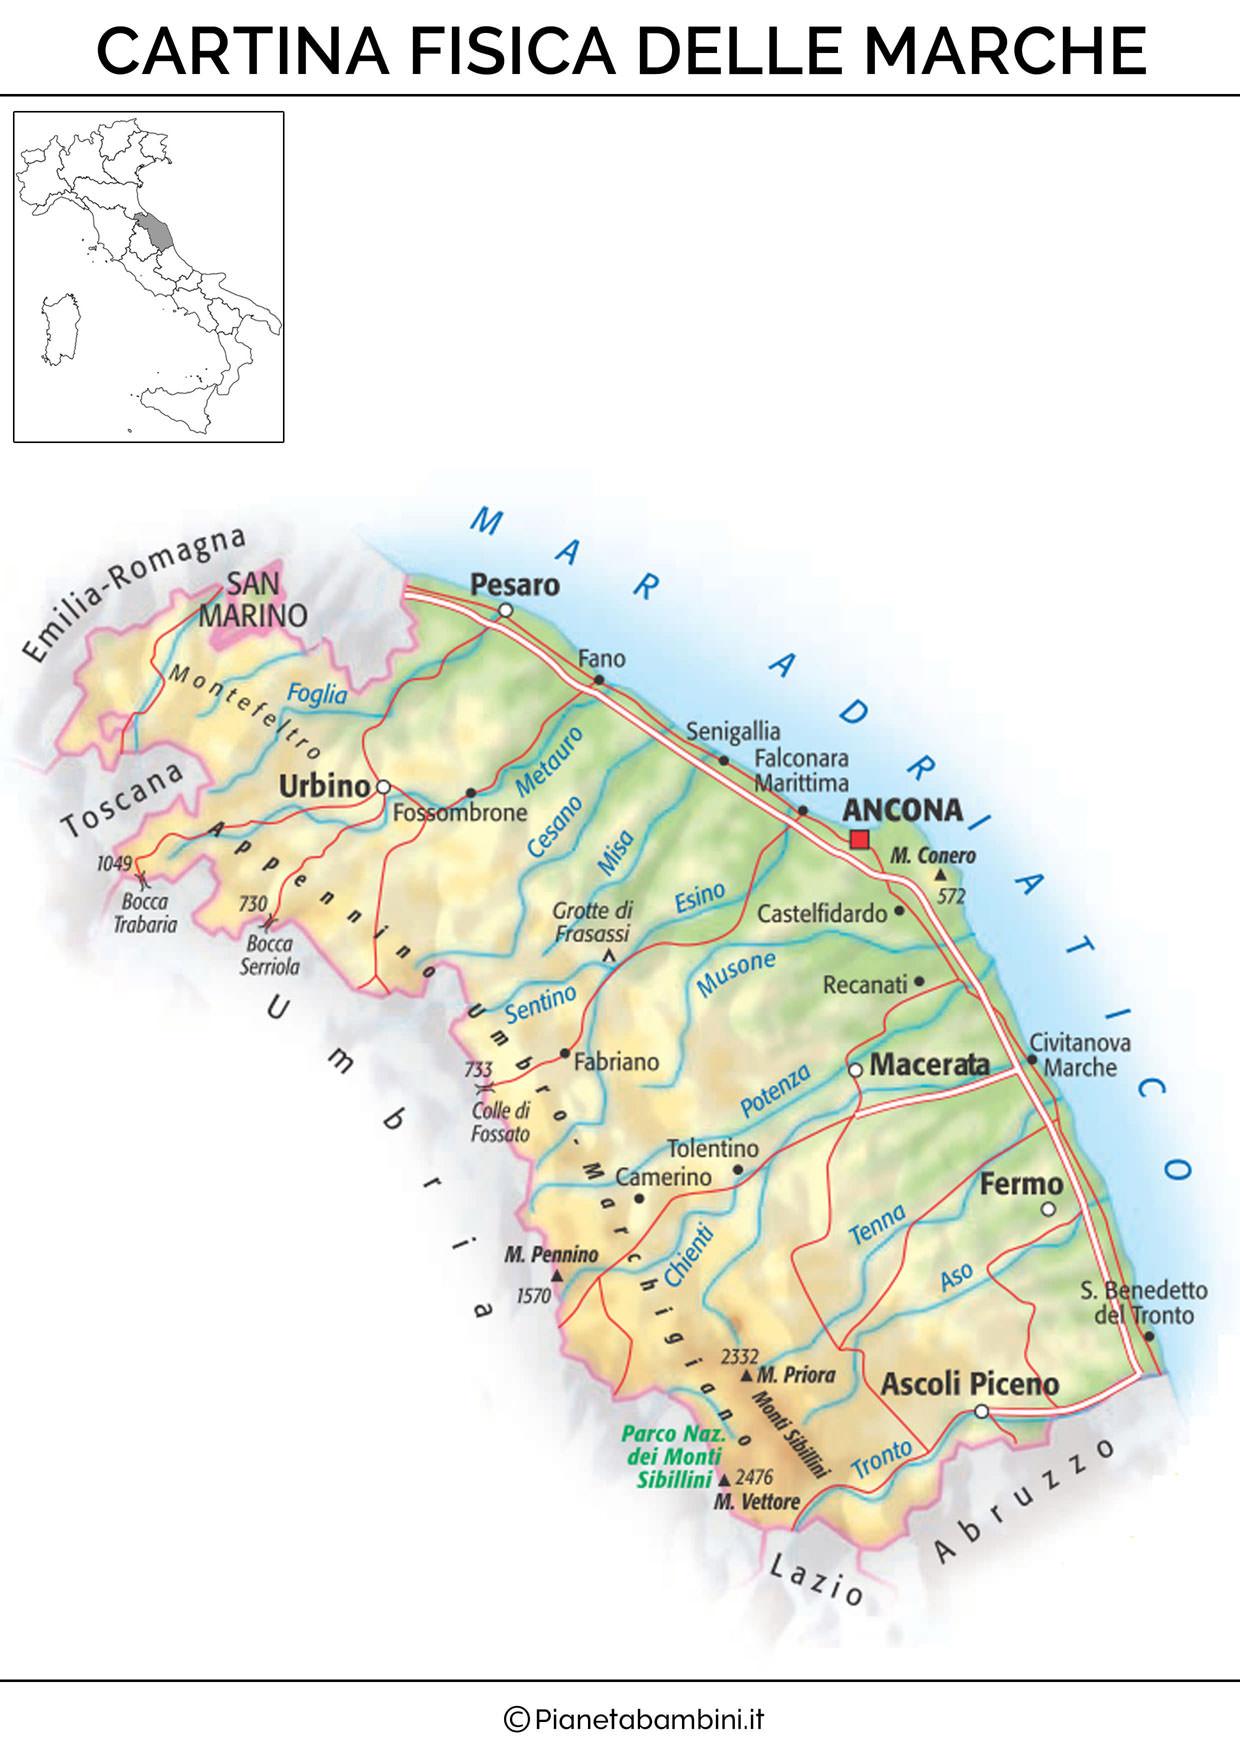 Cartina delle Marche in versione fisica